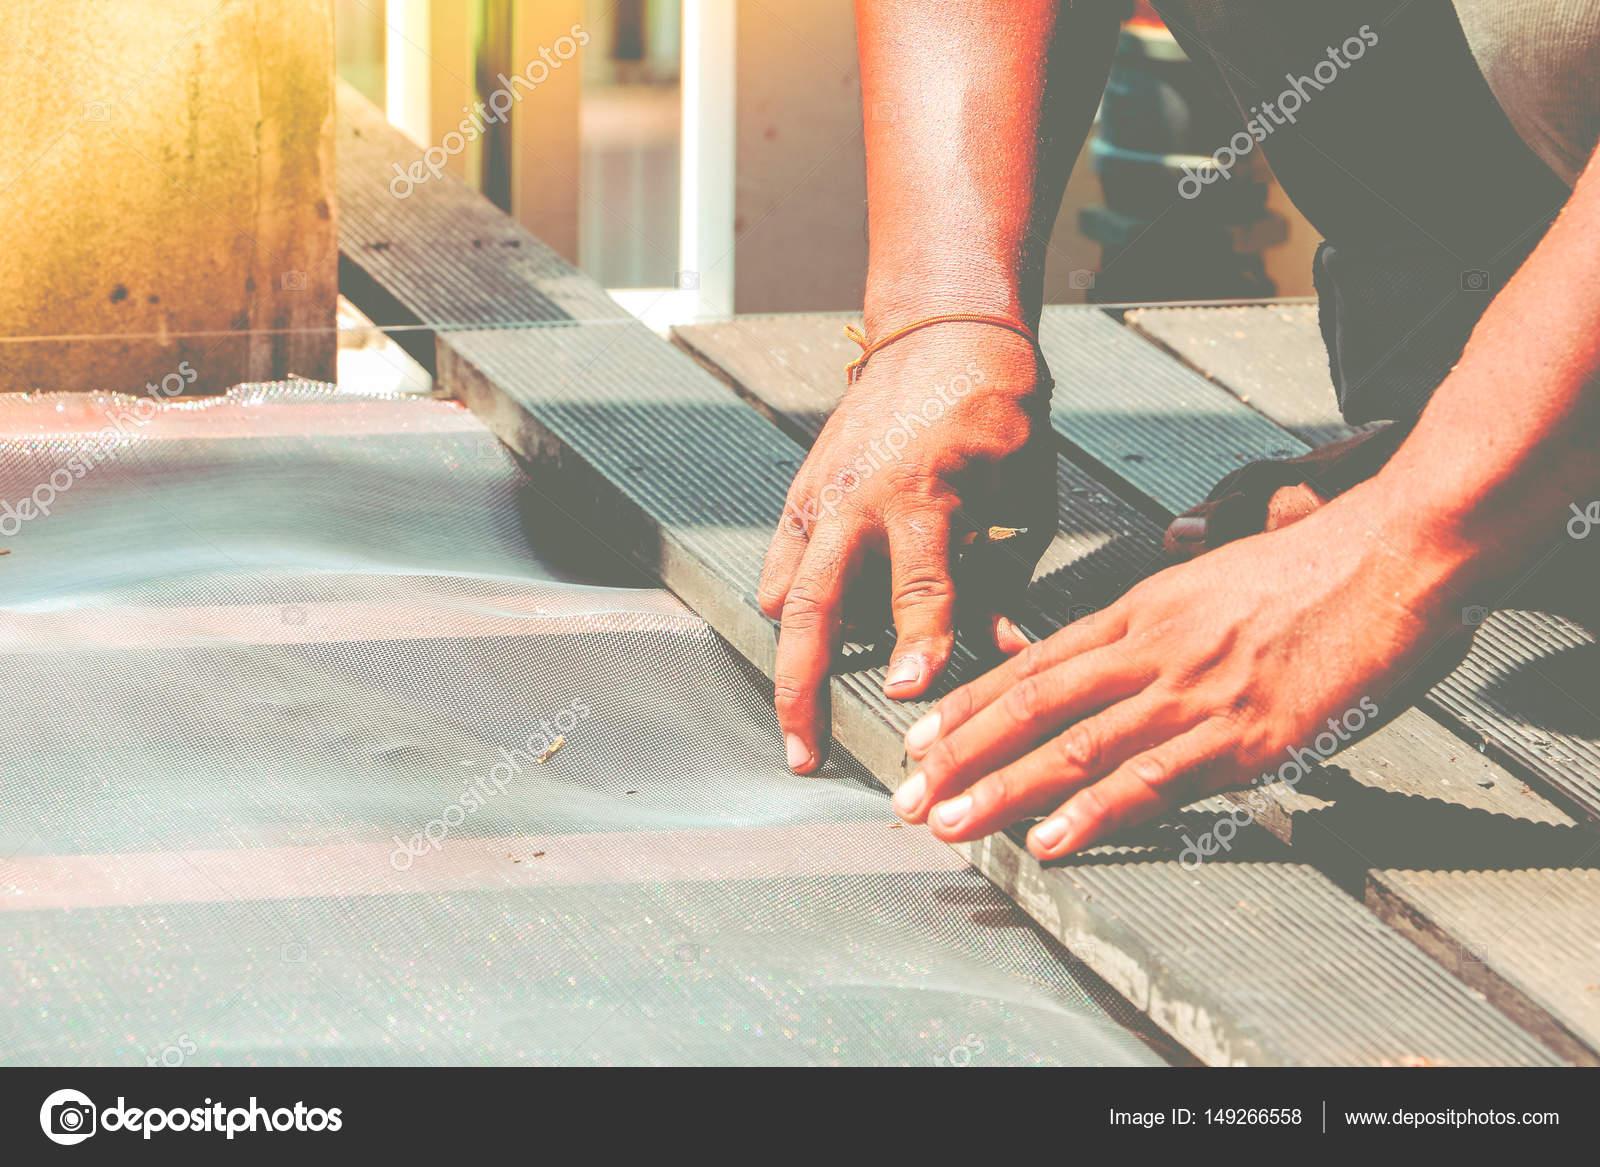 Fußbodenbelag Werkstatt ~ Tischler hand oder hand des arbeiters bodenbelag holz auf dem boden